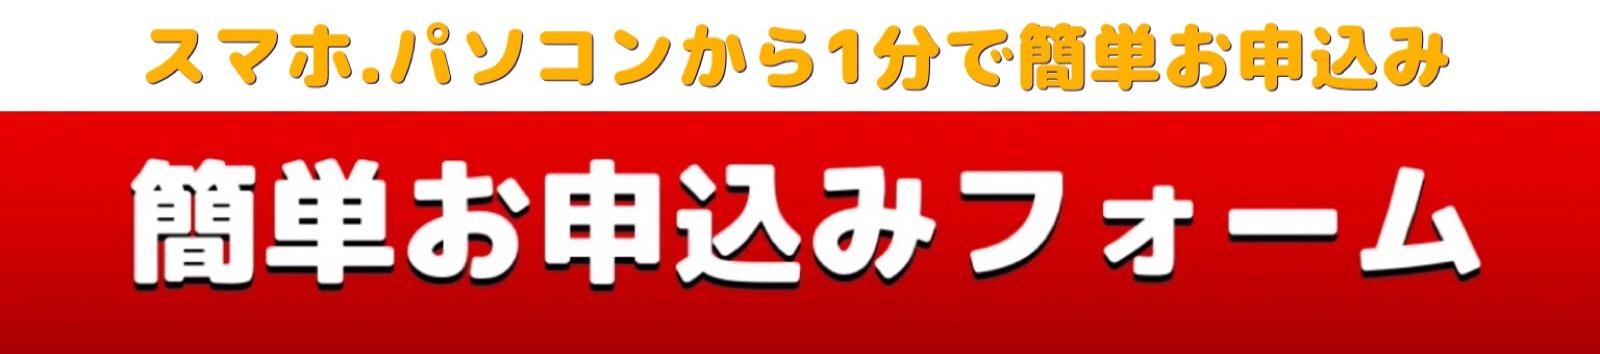 カリモク仙台イベント申込み